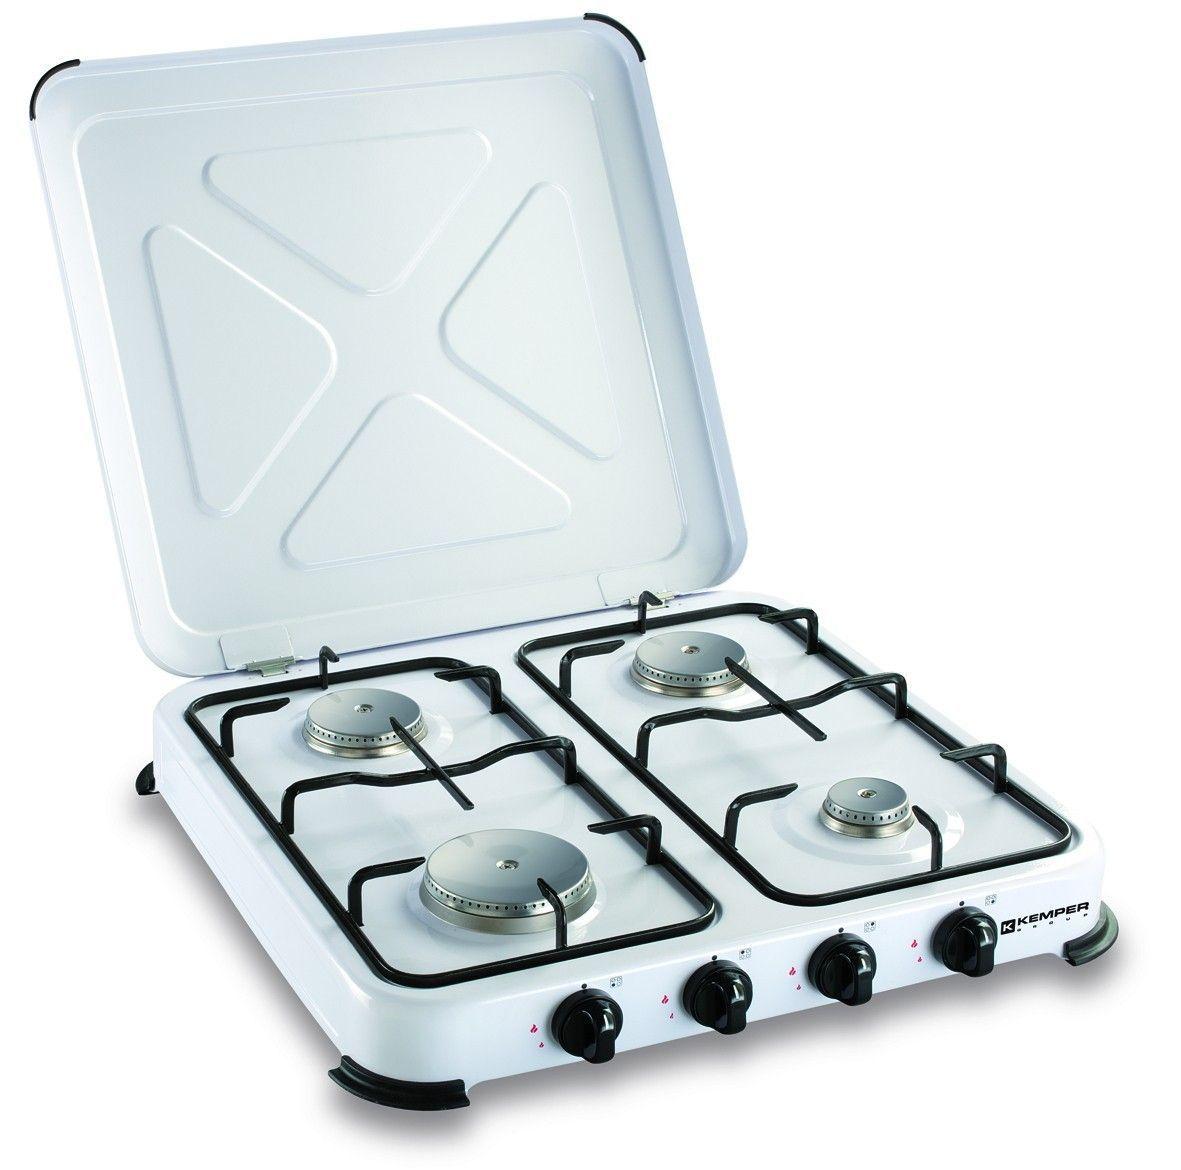 Plaque de cuisson gaz portable 4 feux - 4650 W - blanc laqué